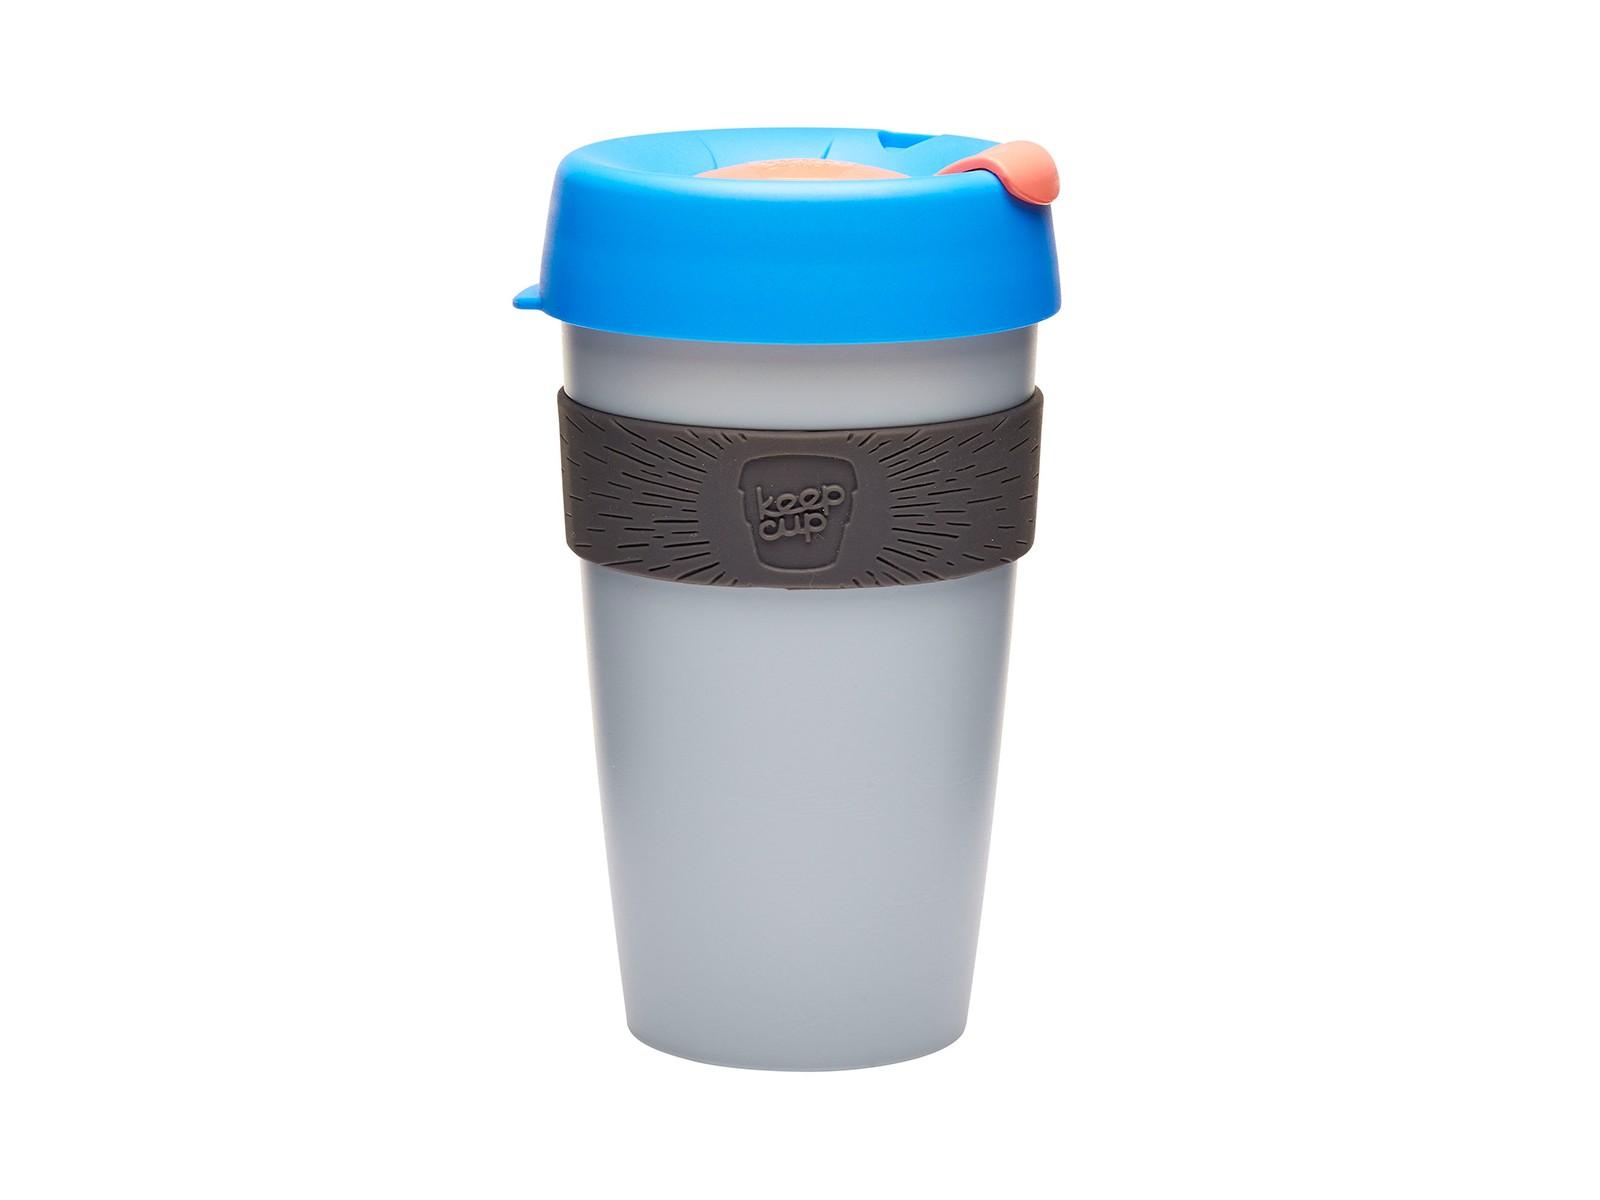 Кружка Keepcup ashЧайные пары, чашки и кружки<br>Кружка, созданная с мыслями о вас и о планете. Главная идея KeepCup – вдохновить любителей кофе отказаться от использования одноразовых бумажных и пластиковых стаканов, так как их производство и утилизация наносят вред окружающей среде. В год производится и выбрасывается около 500 миллиардов одноразовых стаканчиков, а ведь планета у нас всего одна! <br>Но главный плюс кружки  – привлекательный и яркий дизайн, который станет отражением вашего личного стиля. Берите ее в кафе или наливайте кофе, чай, сок дома, чтобы взять с собой - пить вкусные напитки на ходу, на работе или на пикнике. Специальная крышка с открывающимся и закрывающимся клапаном спасет от брызг, силиконовый ободок поможет не обжечься (плюс, удобно держать кружку в руках), а плотная крышка и толстые стенки сохранят напиток теплым в течение 20~30 минут. <br>Кружка сделана из нетоксичного пластика без содержания вредного бисфенола (BPA-free). Можно использовать в микроволновке и мыть в посудомоечной машине.&amp;amp;nbsp;&amp;lt;div&amp;gt;&amp;lt;br&amp;gt;&amp;lt;/div&amp;gt;&amp;lt;div&amp;gt;Объем: 454 мл.&amp;lt;br&amp;gt;&amp;lt;/div&amp;gt;<br><br>Material: Пластик<br>Height см: 15,8<br>Diameter см: 8,8